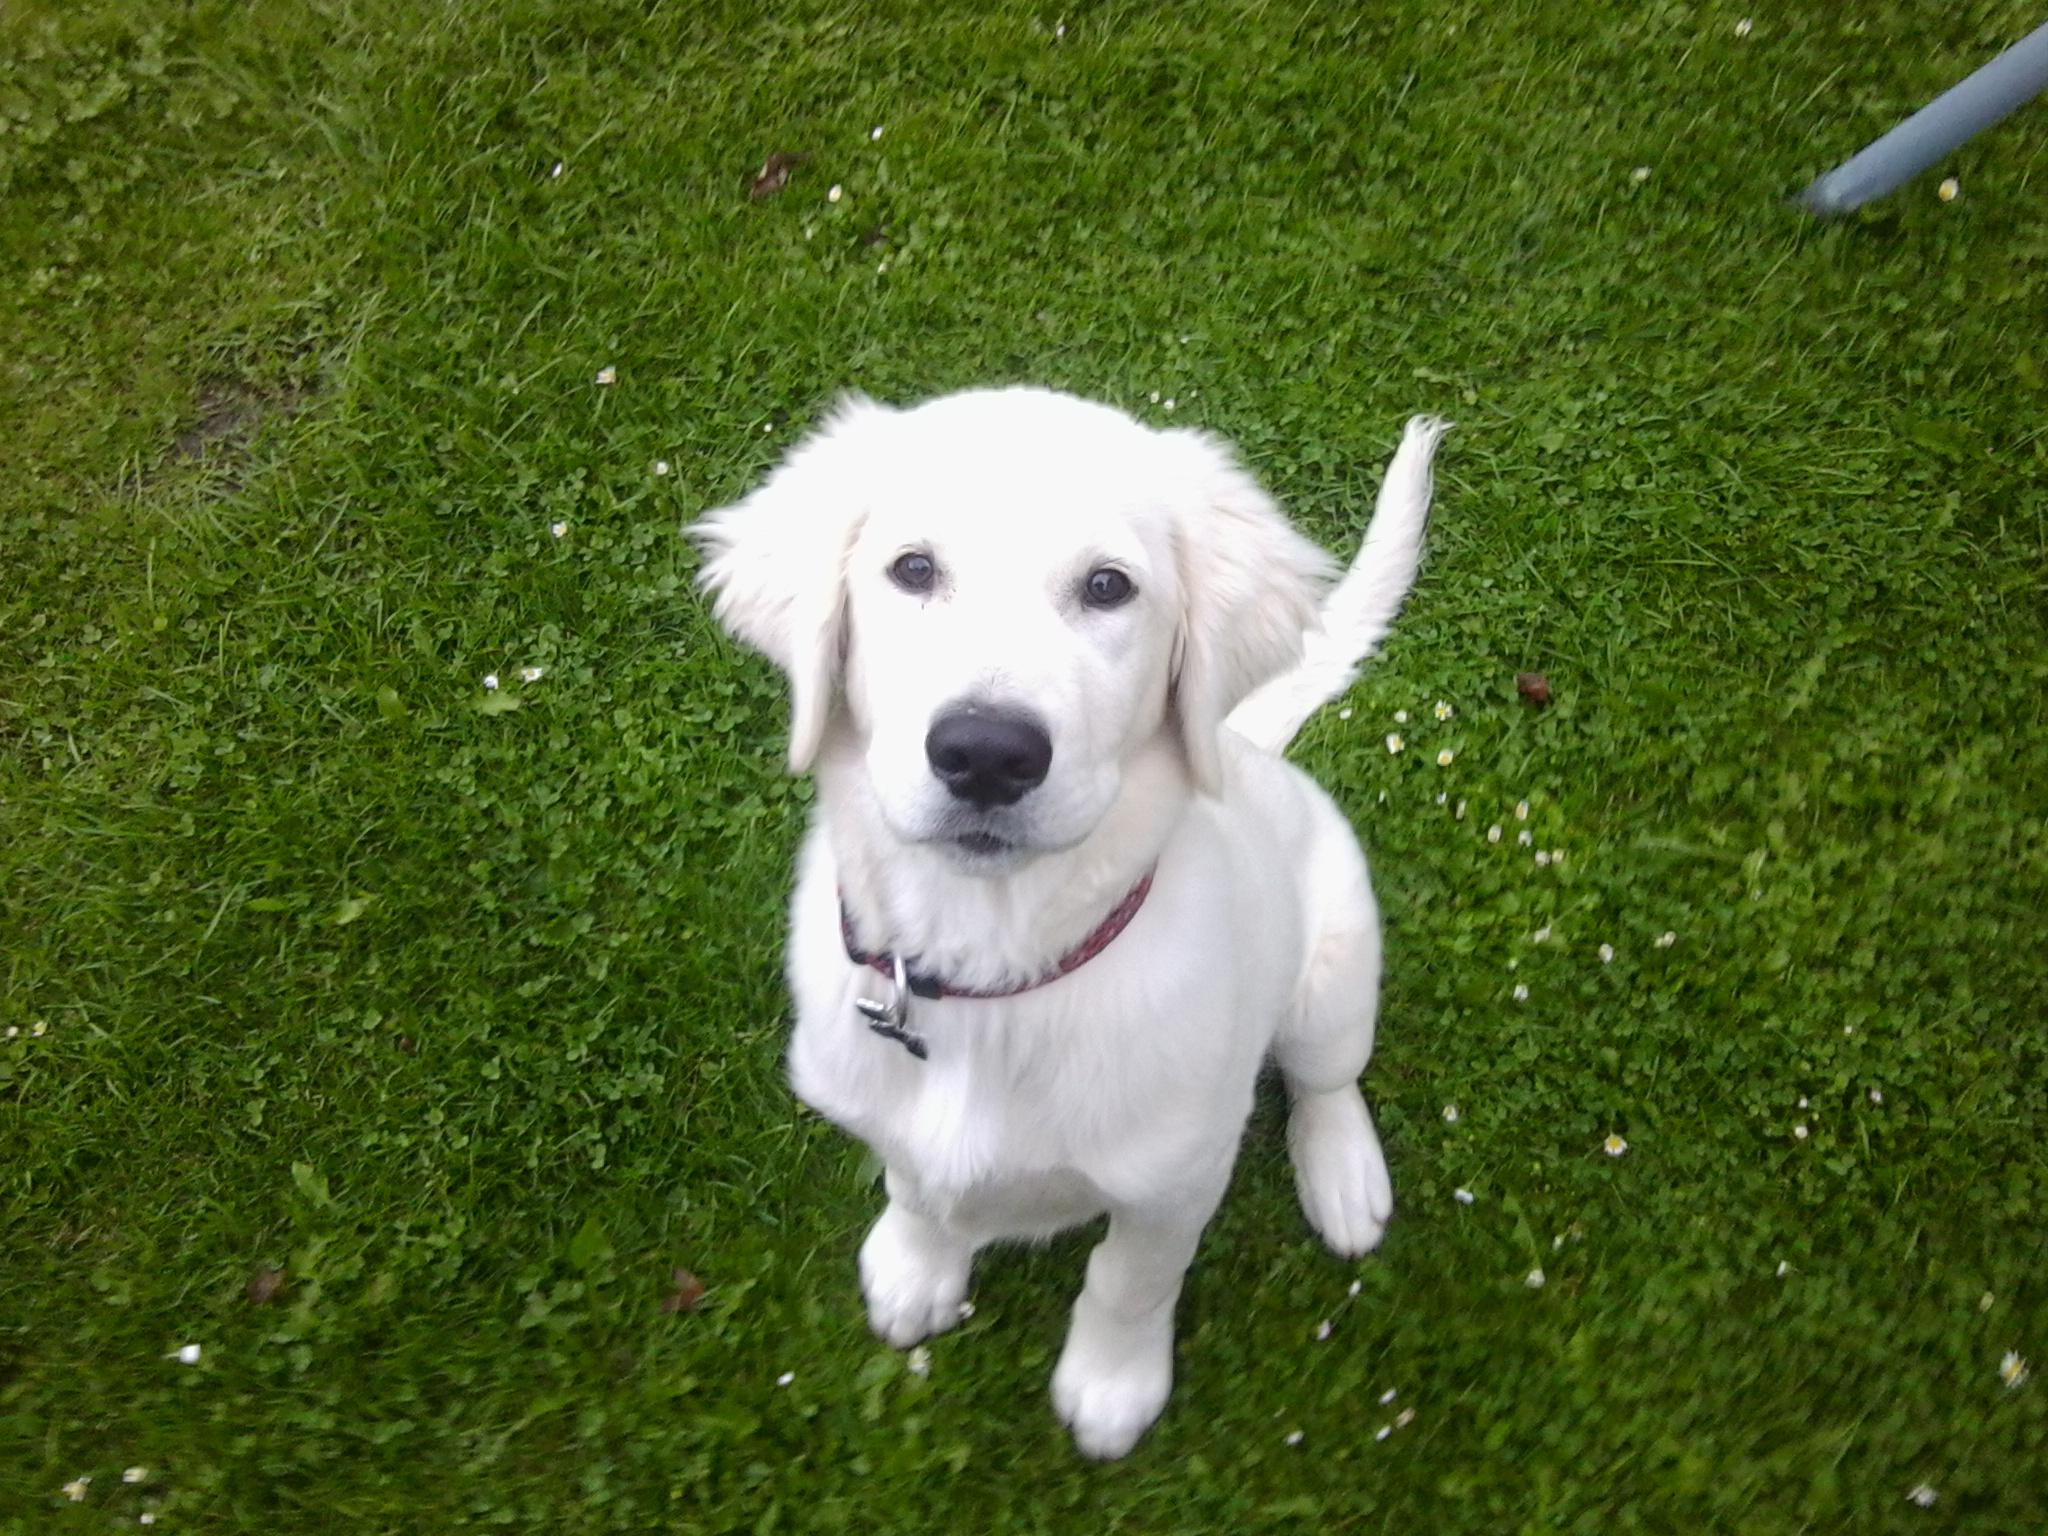 Náš pes COUDY a zkušenost s neviditelným plotem